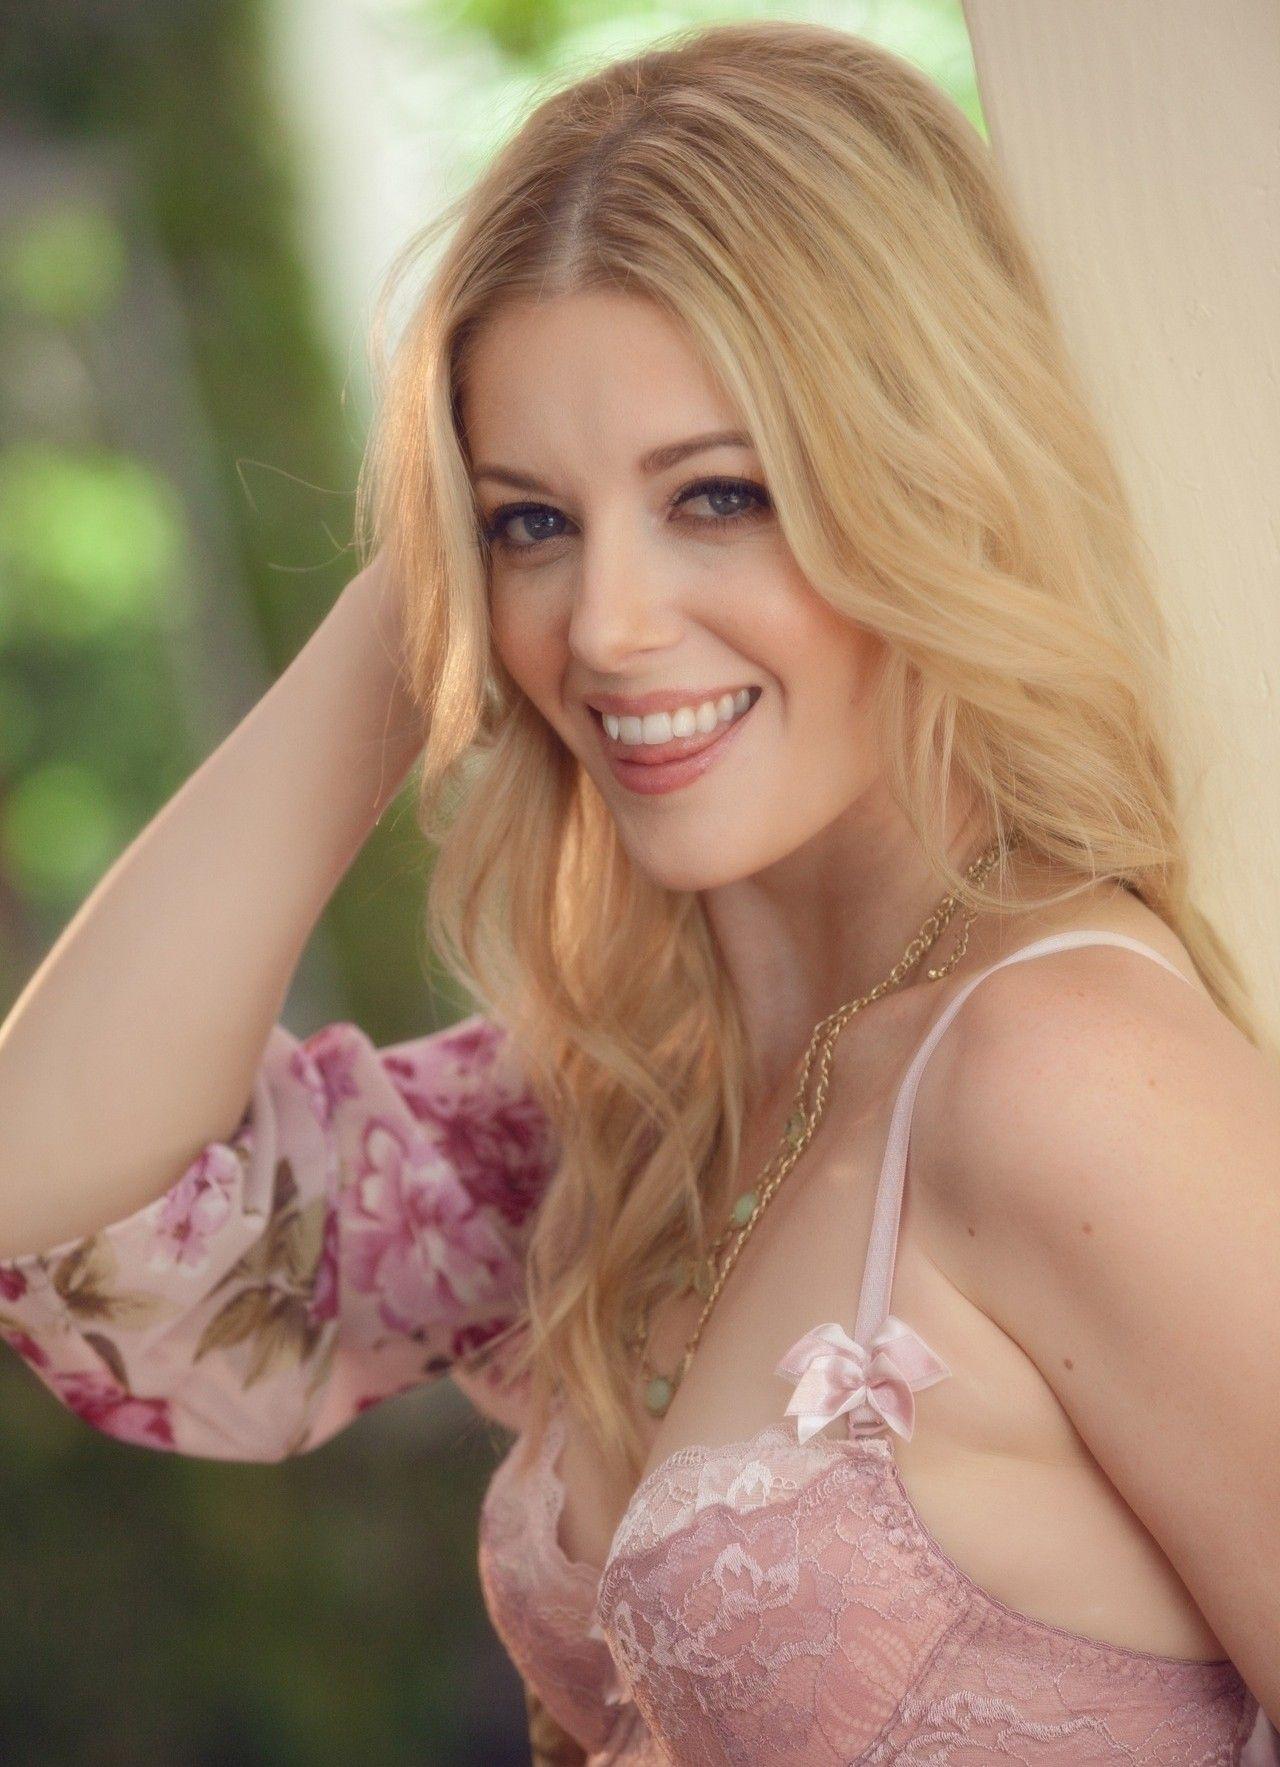 Charlotte Stokely en lingerie de dentelle